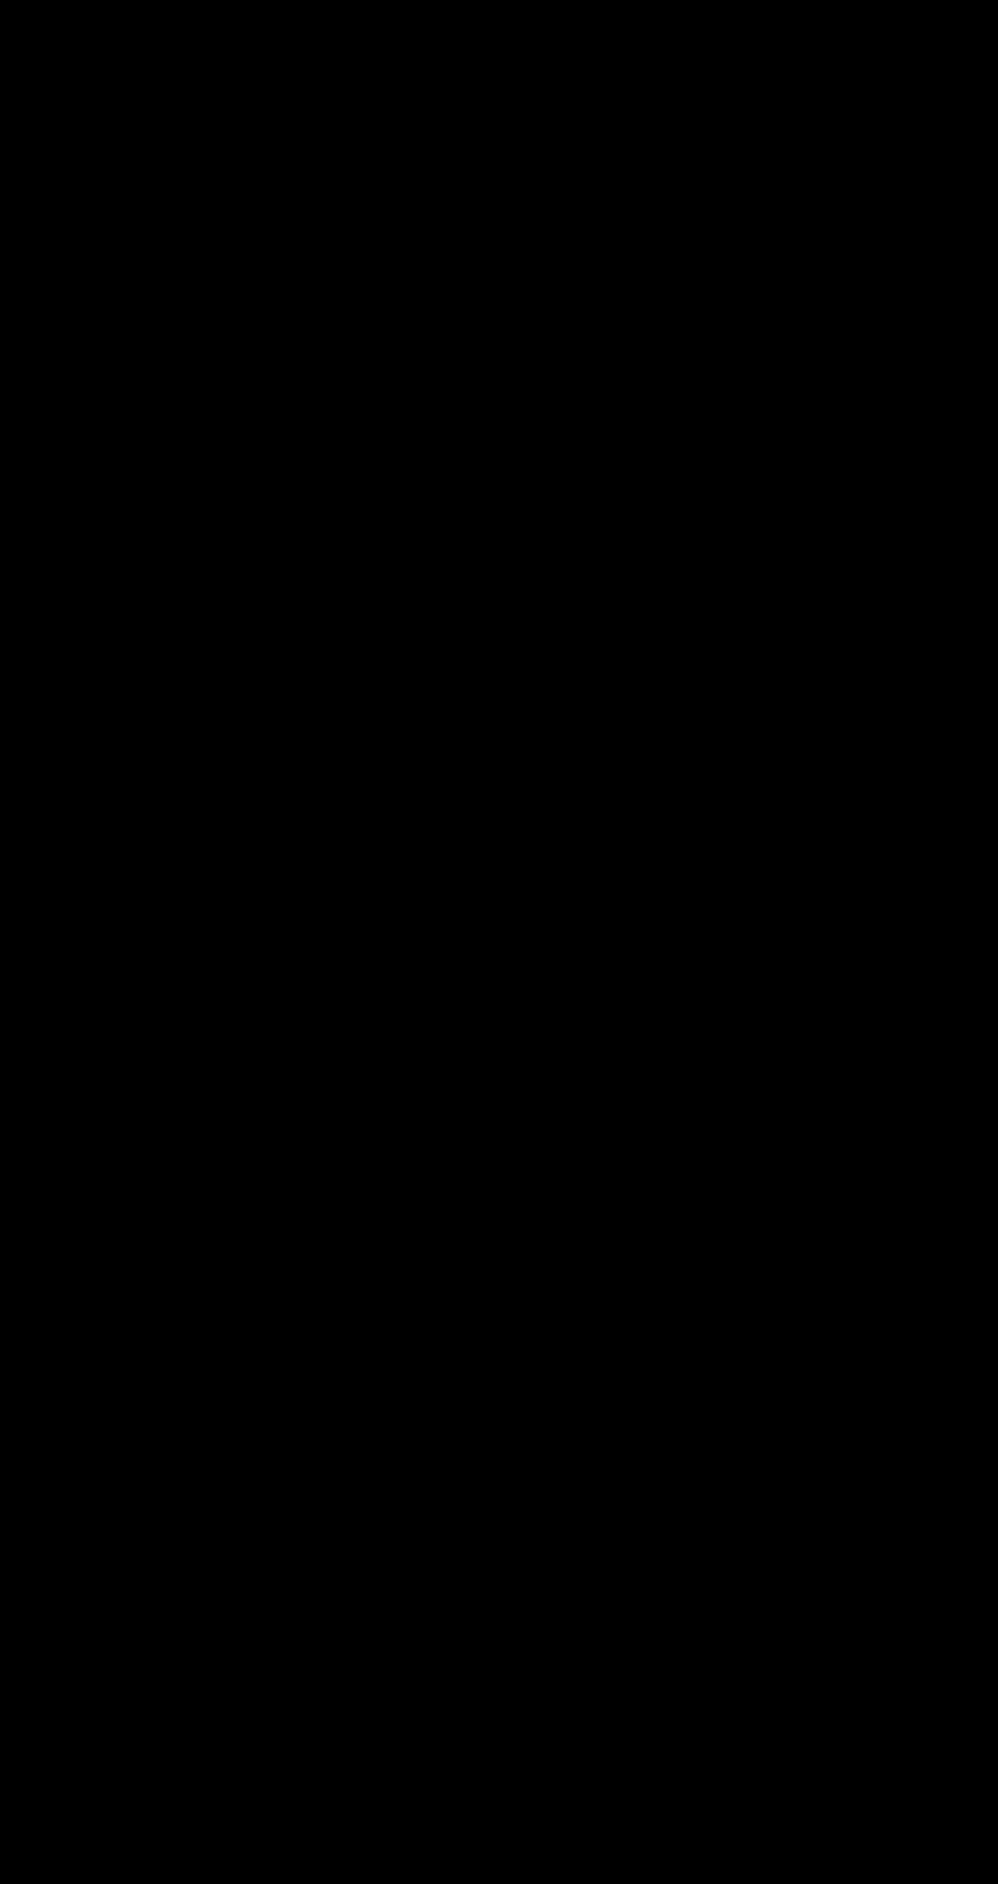 図59.png